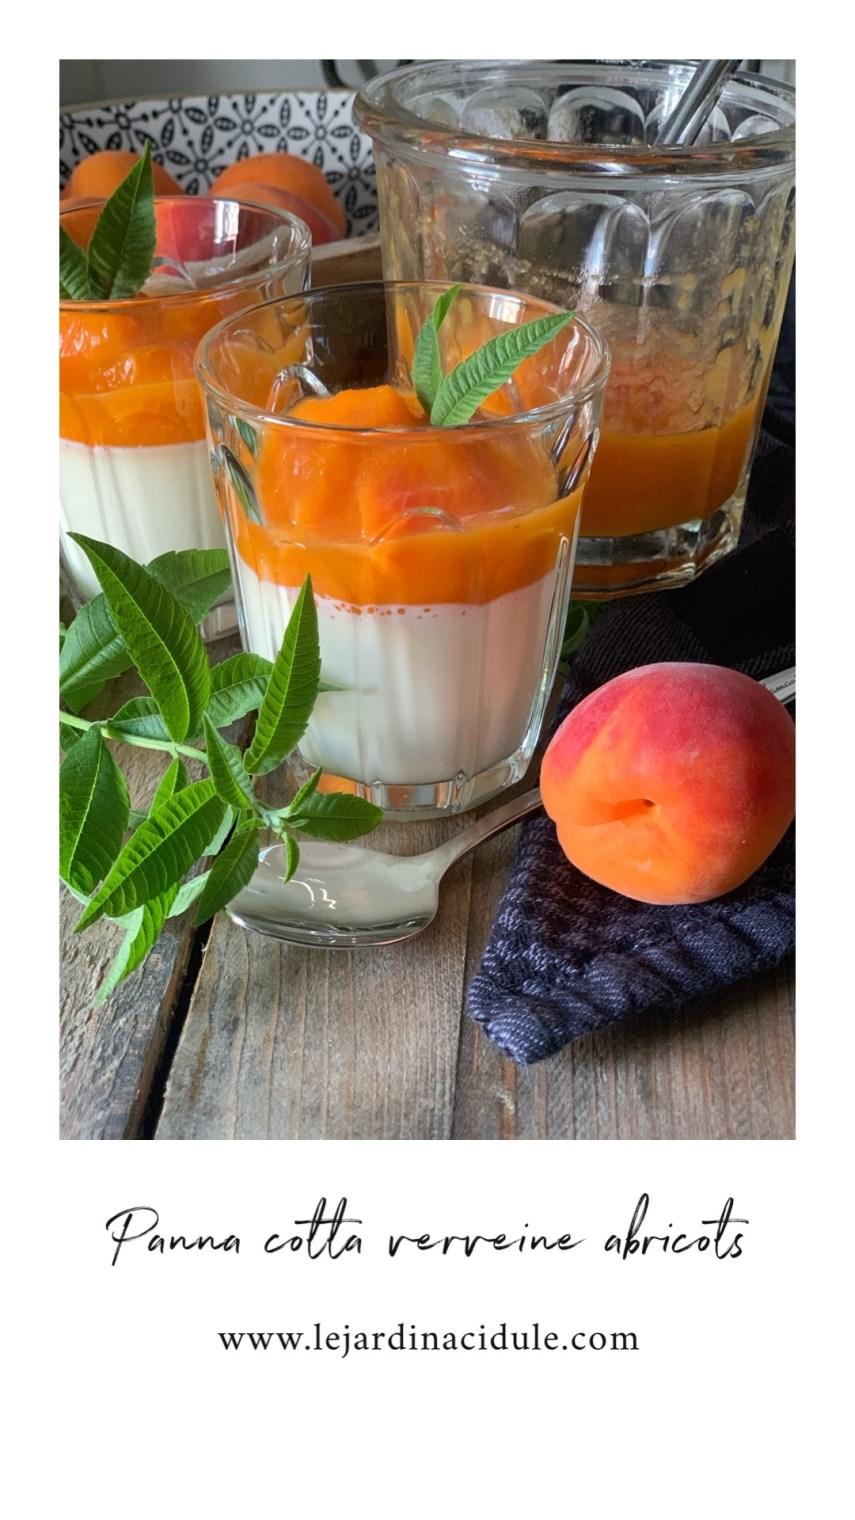 panna cotta verveine abricot